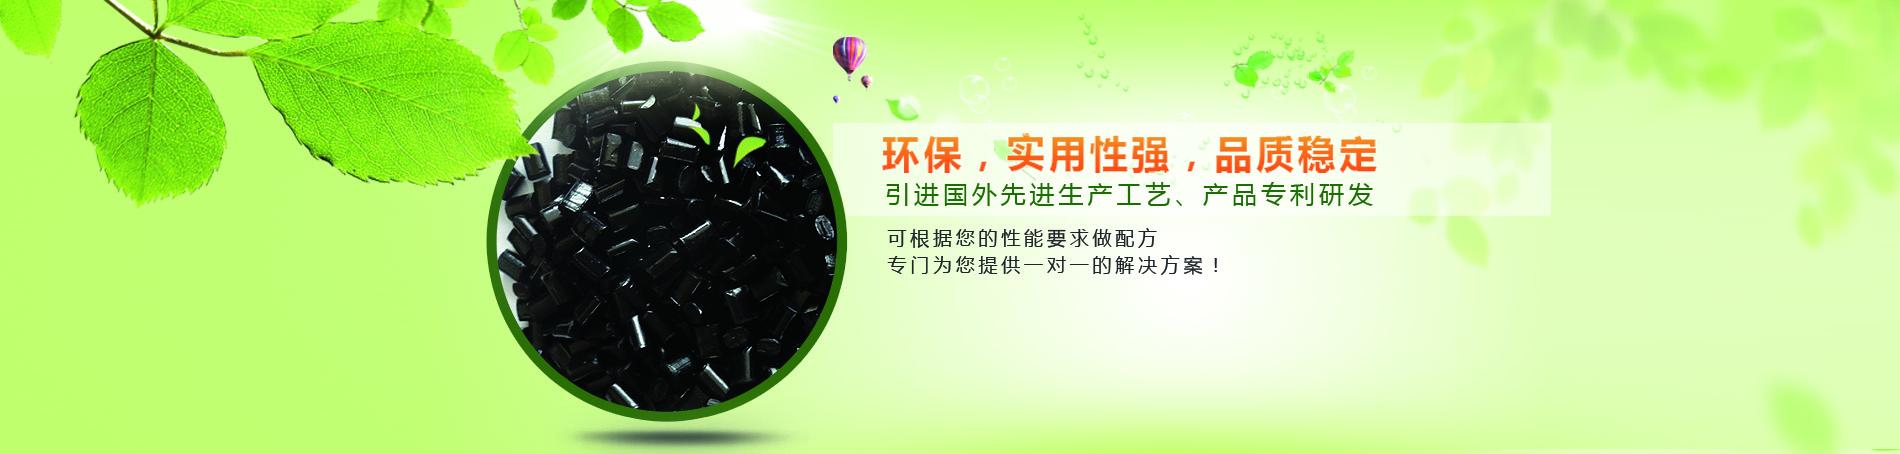 超薄阻燃PC/ABS,改性PC工厂,改性ABS工厂